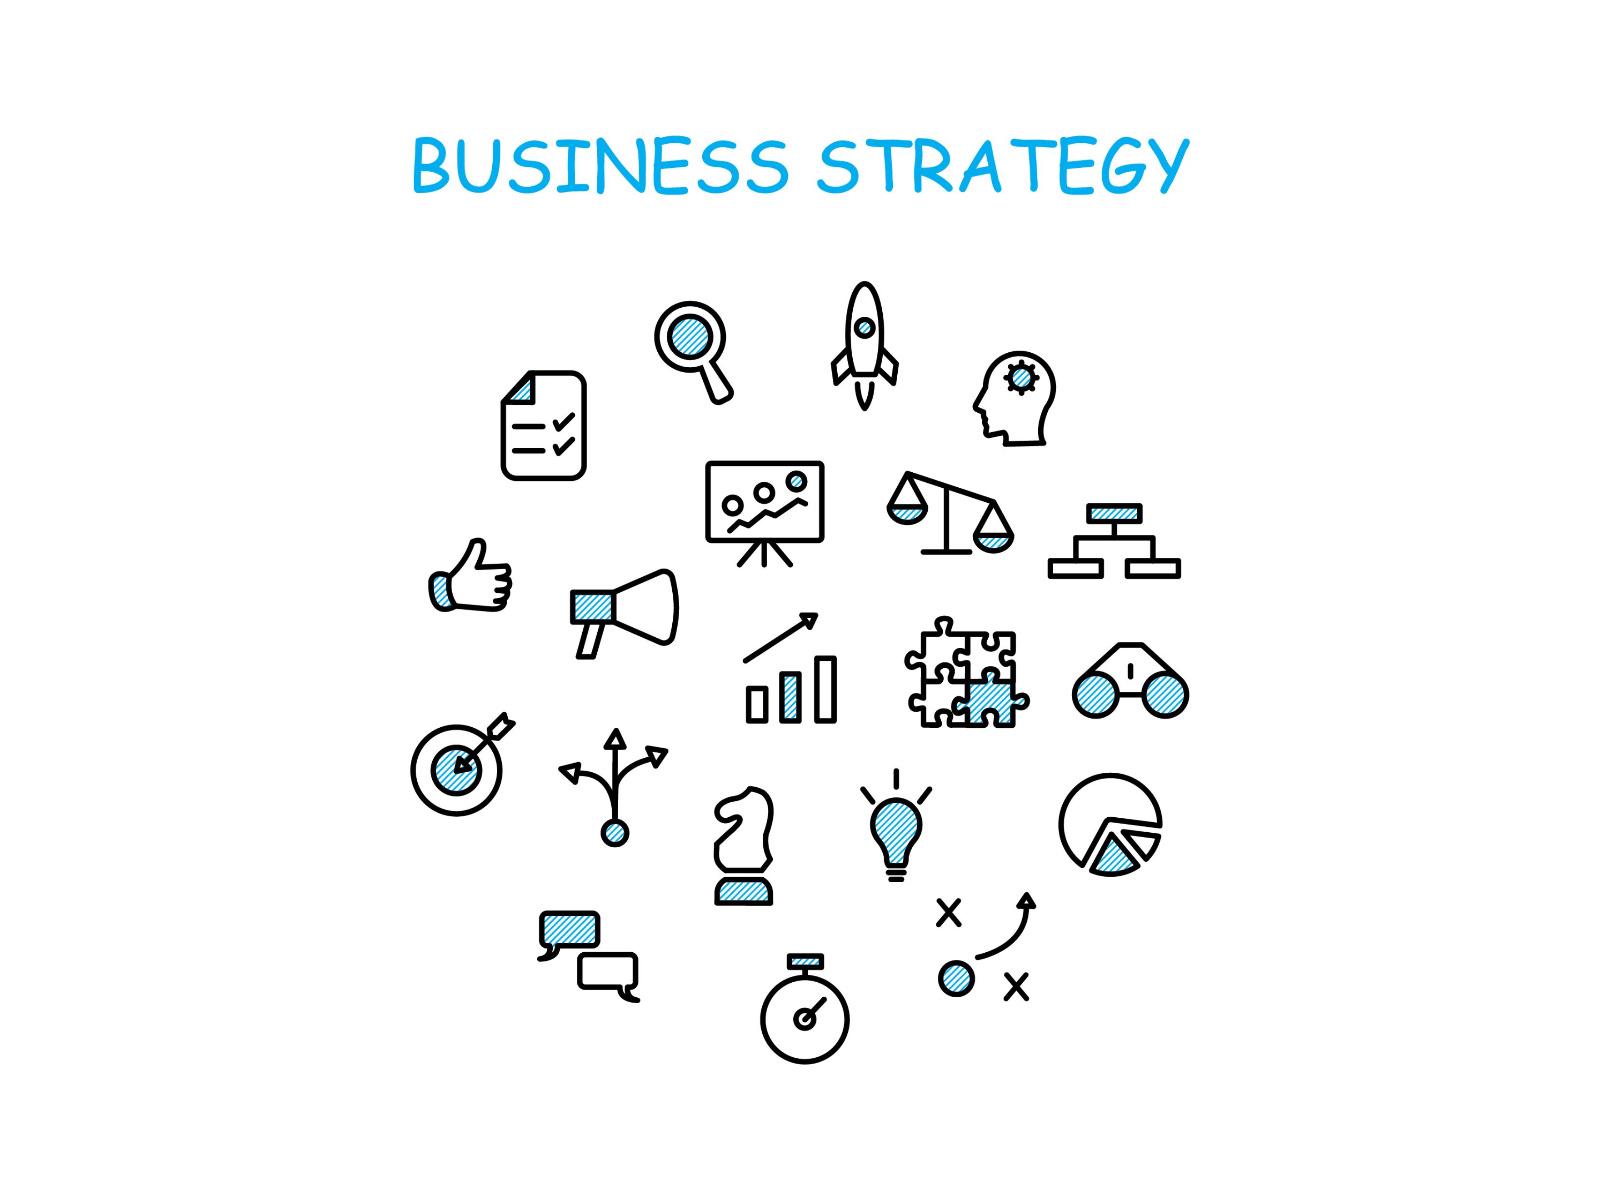 第117話|データ分析・活用でビジネス成果を安定的に確保するための戦略的資産とは